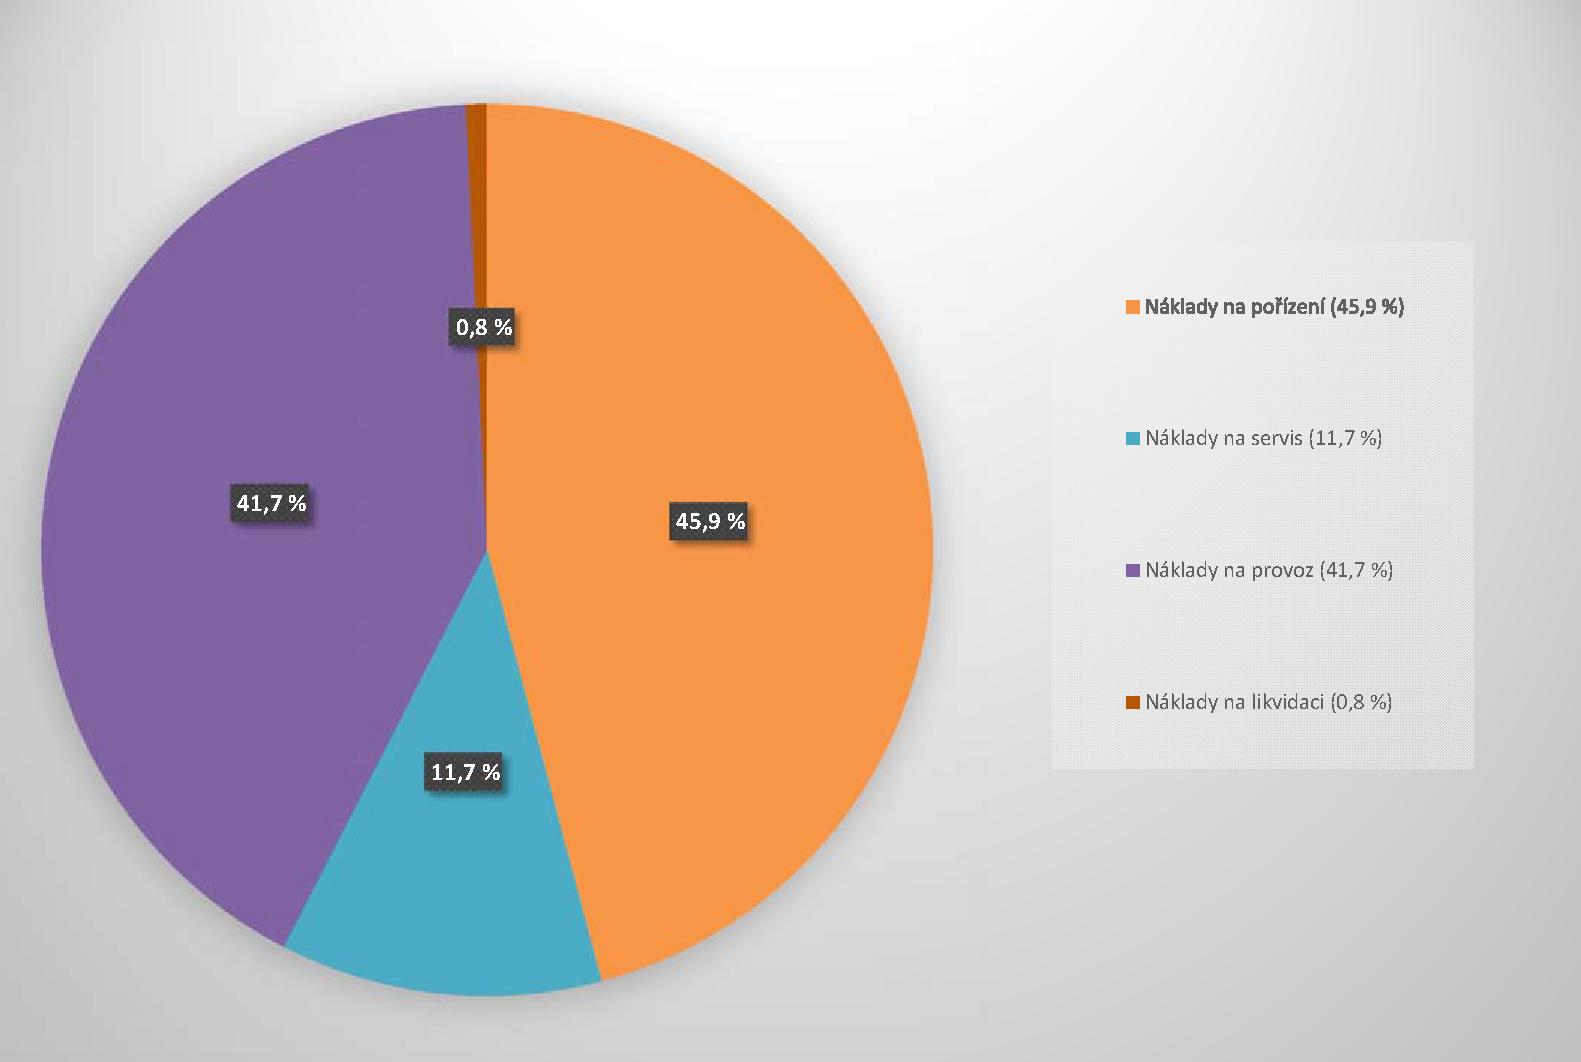 Obrázek č. 2: Procentuální rozložení nákladových položek pro přístroj SPECT/CT